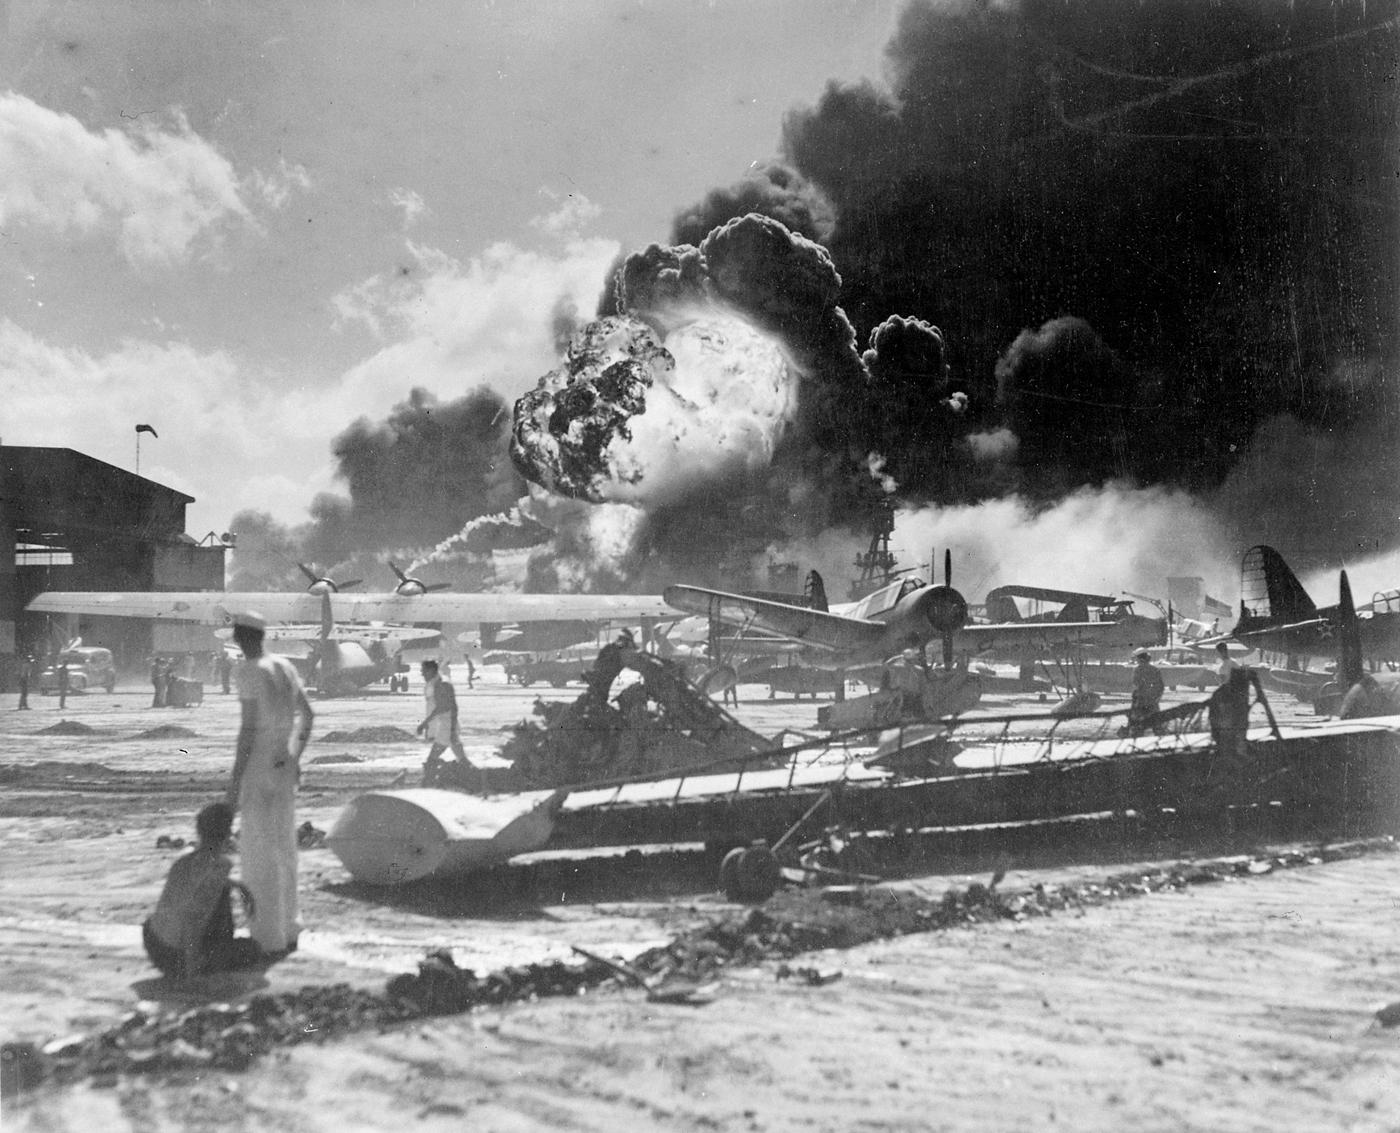 Aerei statunitensi danneggiati durante l'attacco di Pearl Harbor a Ford Island. Sullo sfondo si vede la nave USS Shaw in fiamme. USN - Official U.S. Navy photograph 80-G-19948